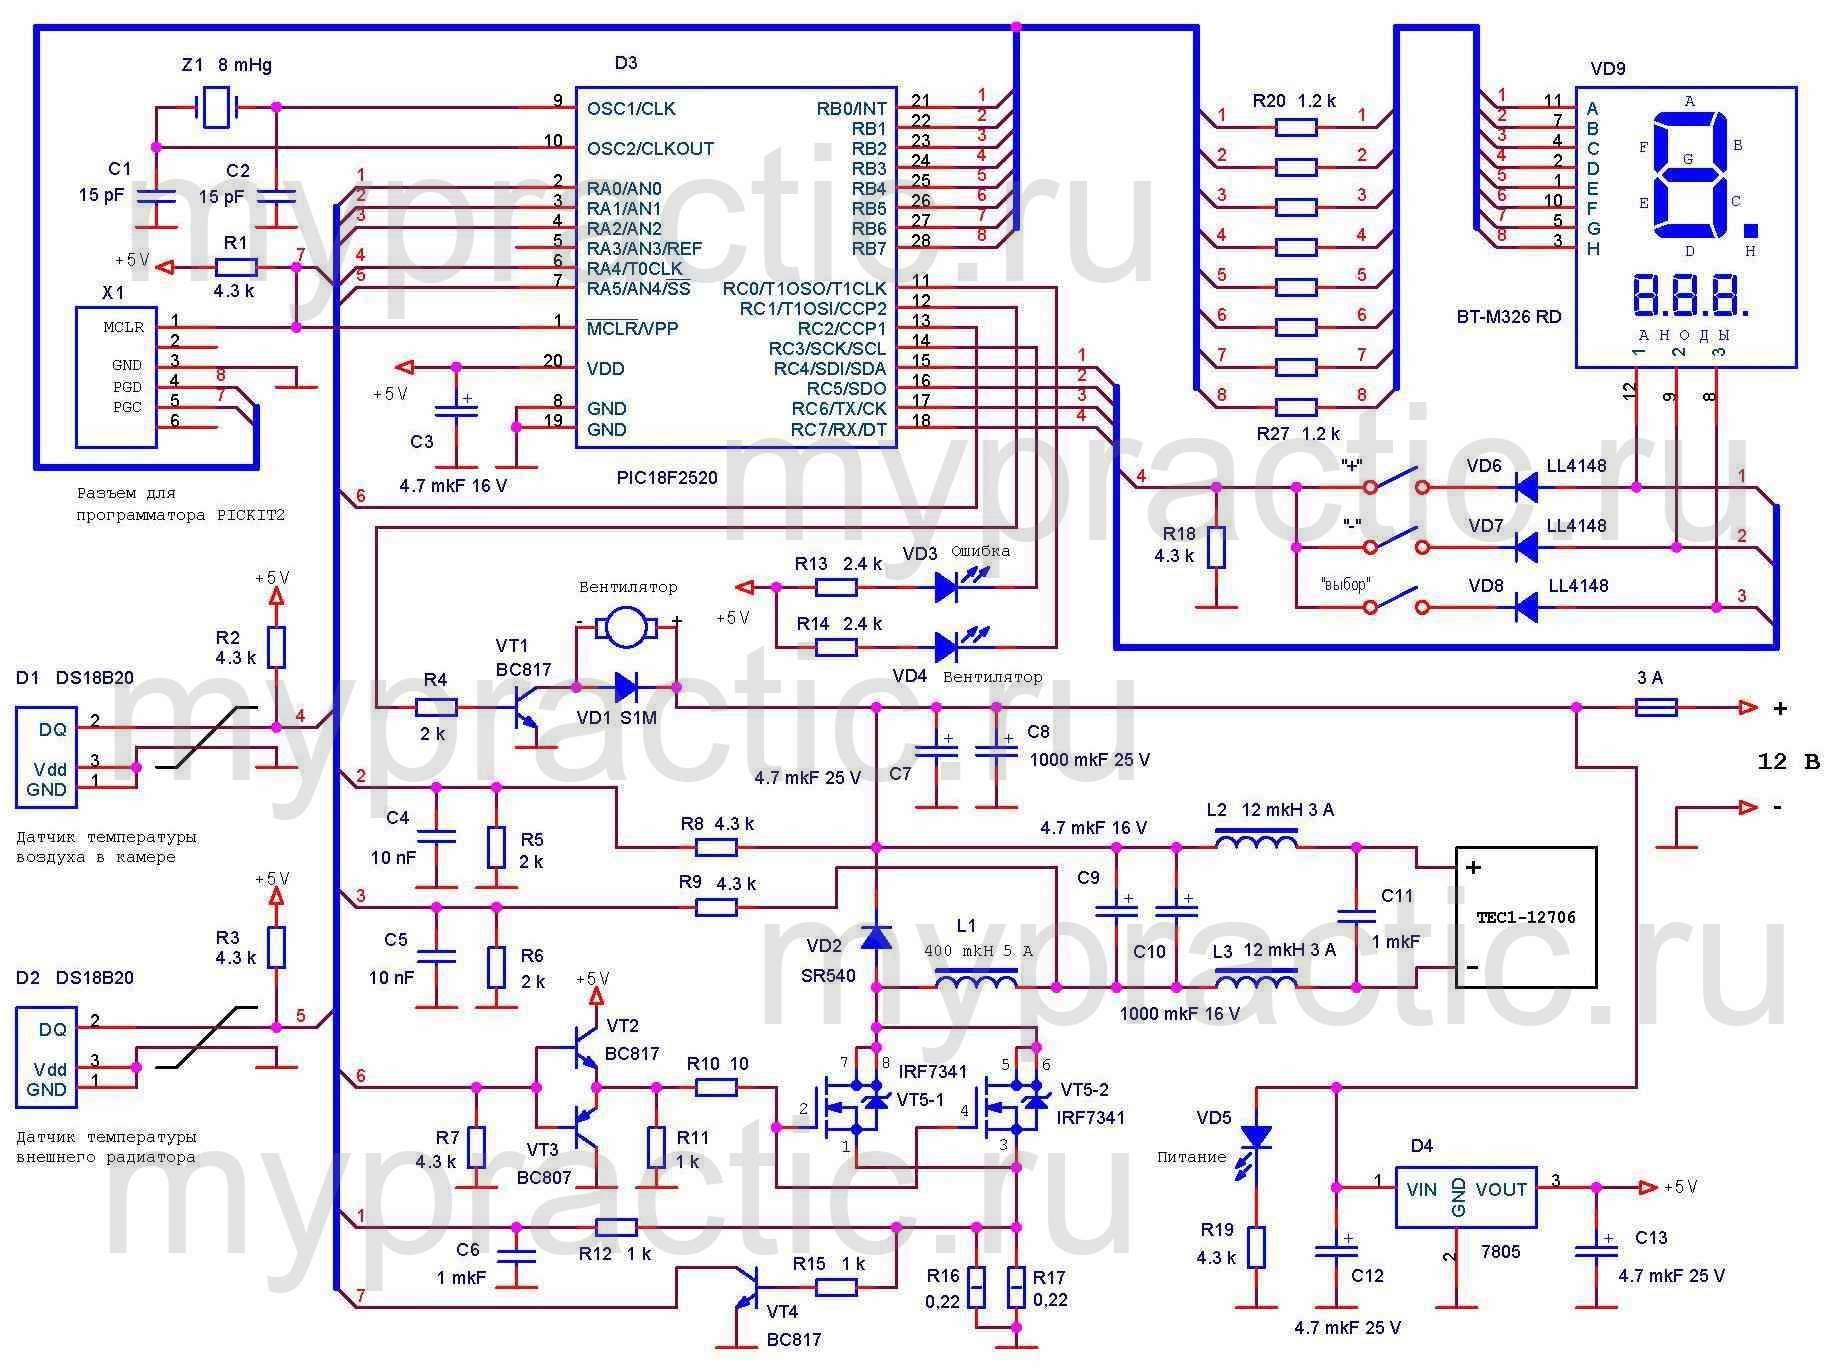 Схема контроллера для холодильника на элементе Пельтье